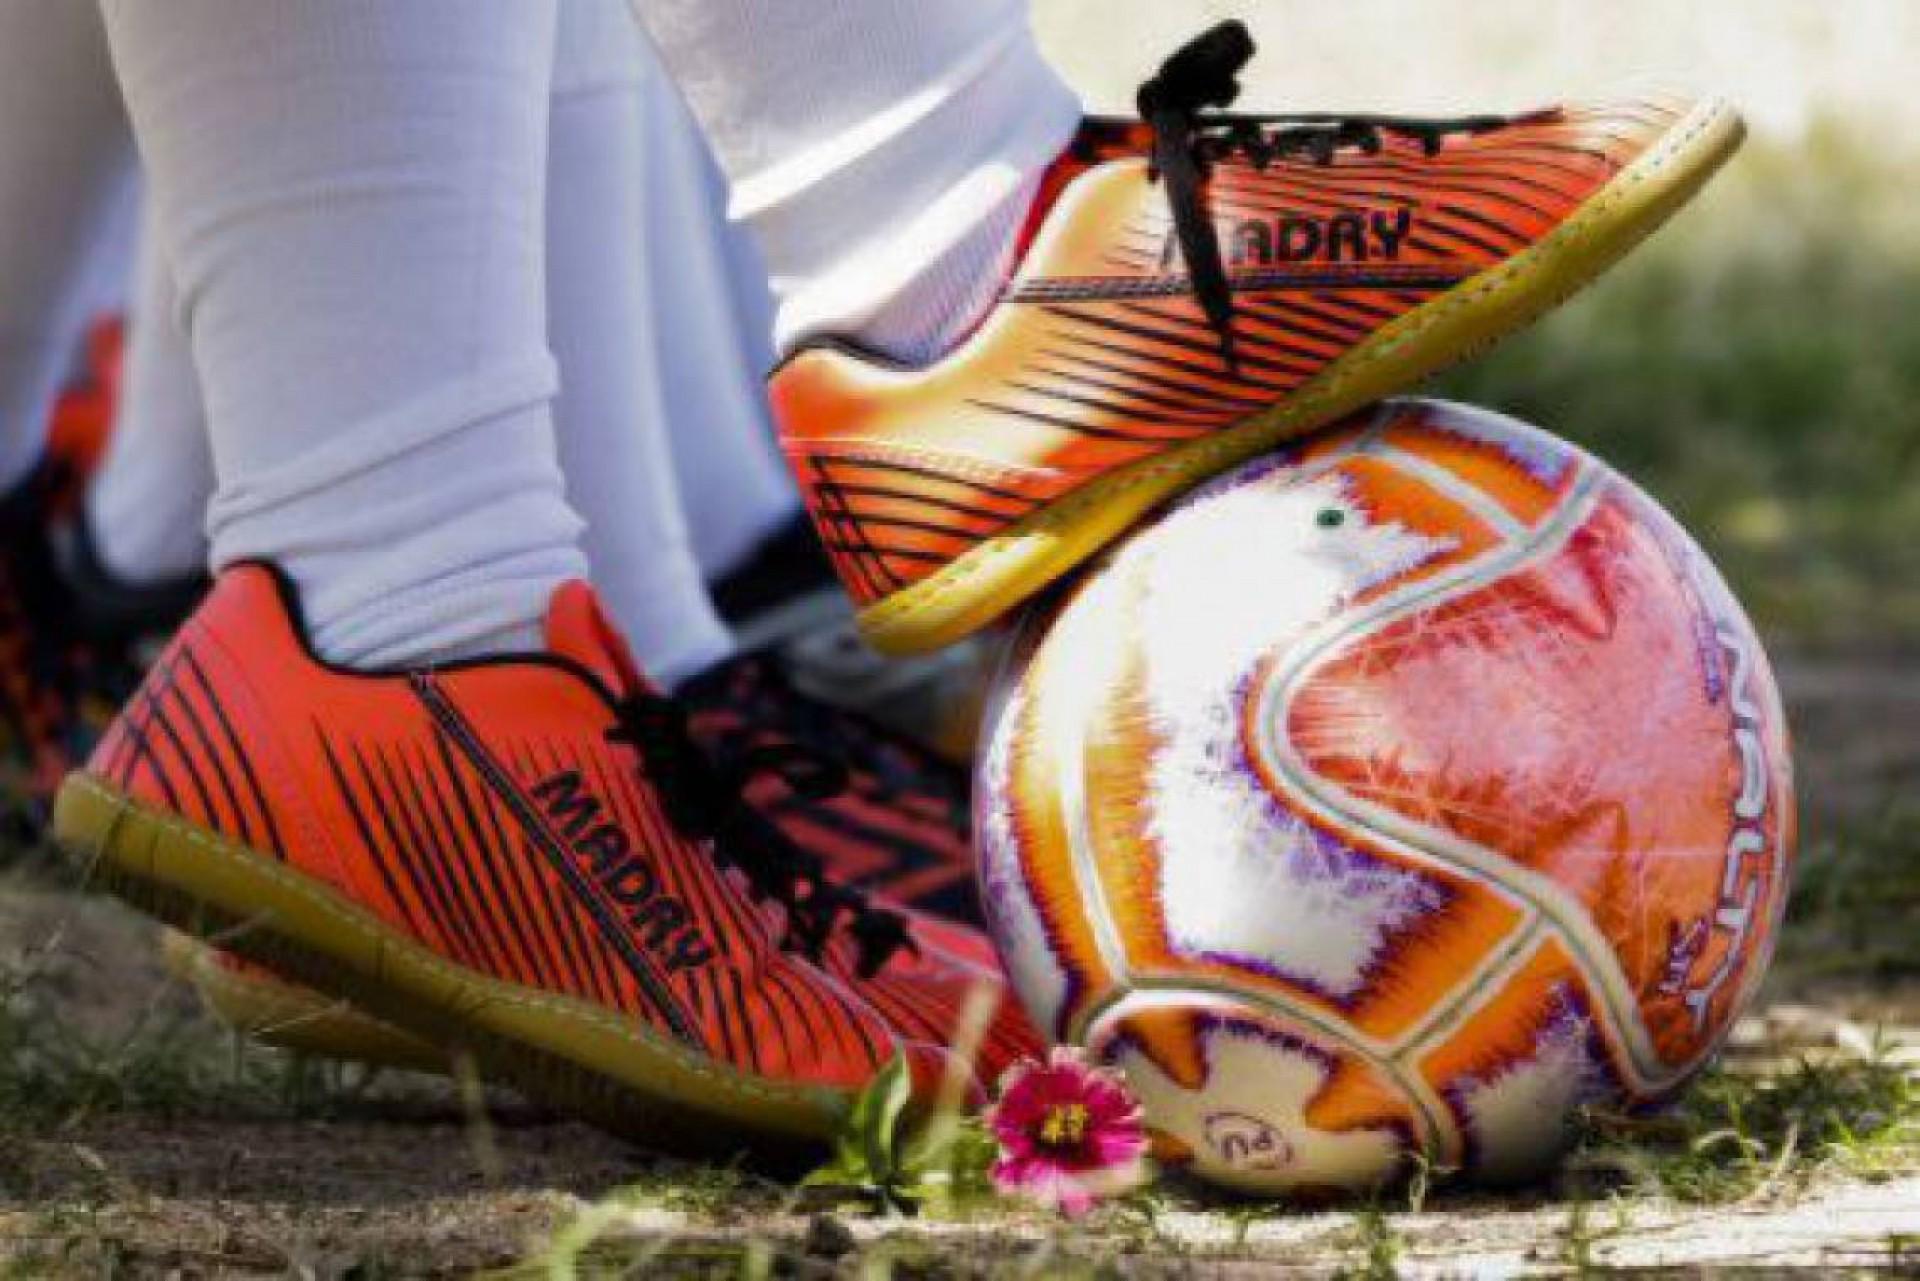 Confira Os Jogos De Futebol Na Tv Hoje Quarta Feira 19 De Agosto 19 08 Futebol Esportes O Povo